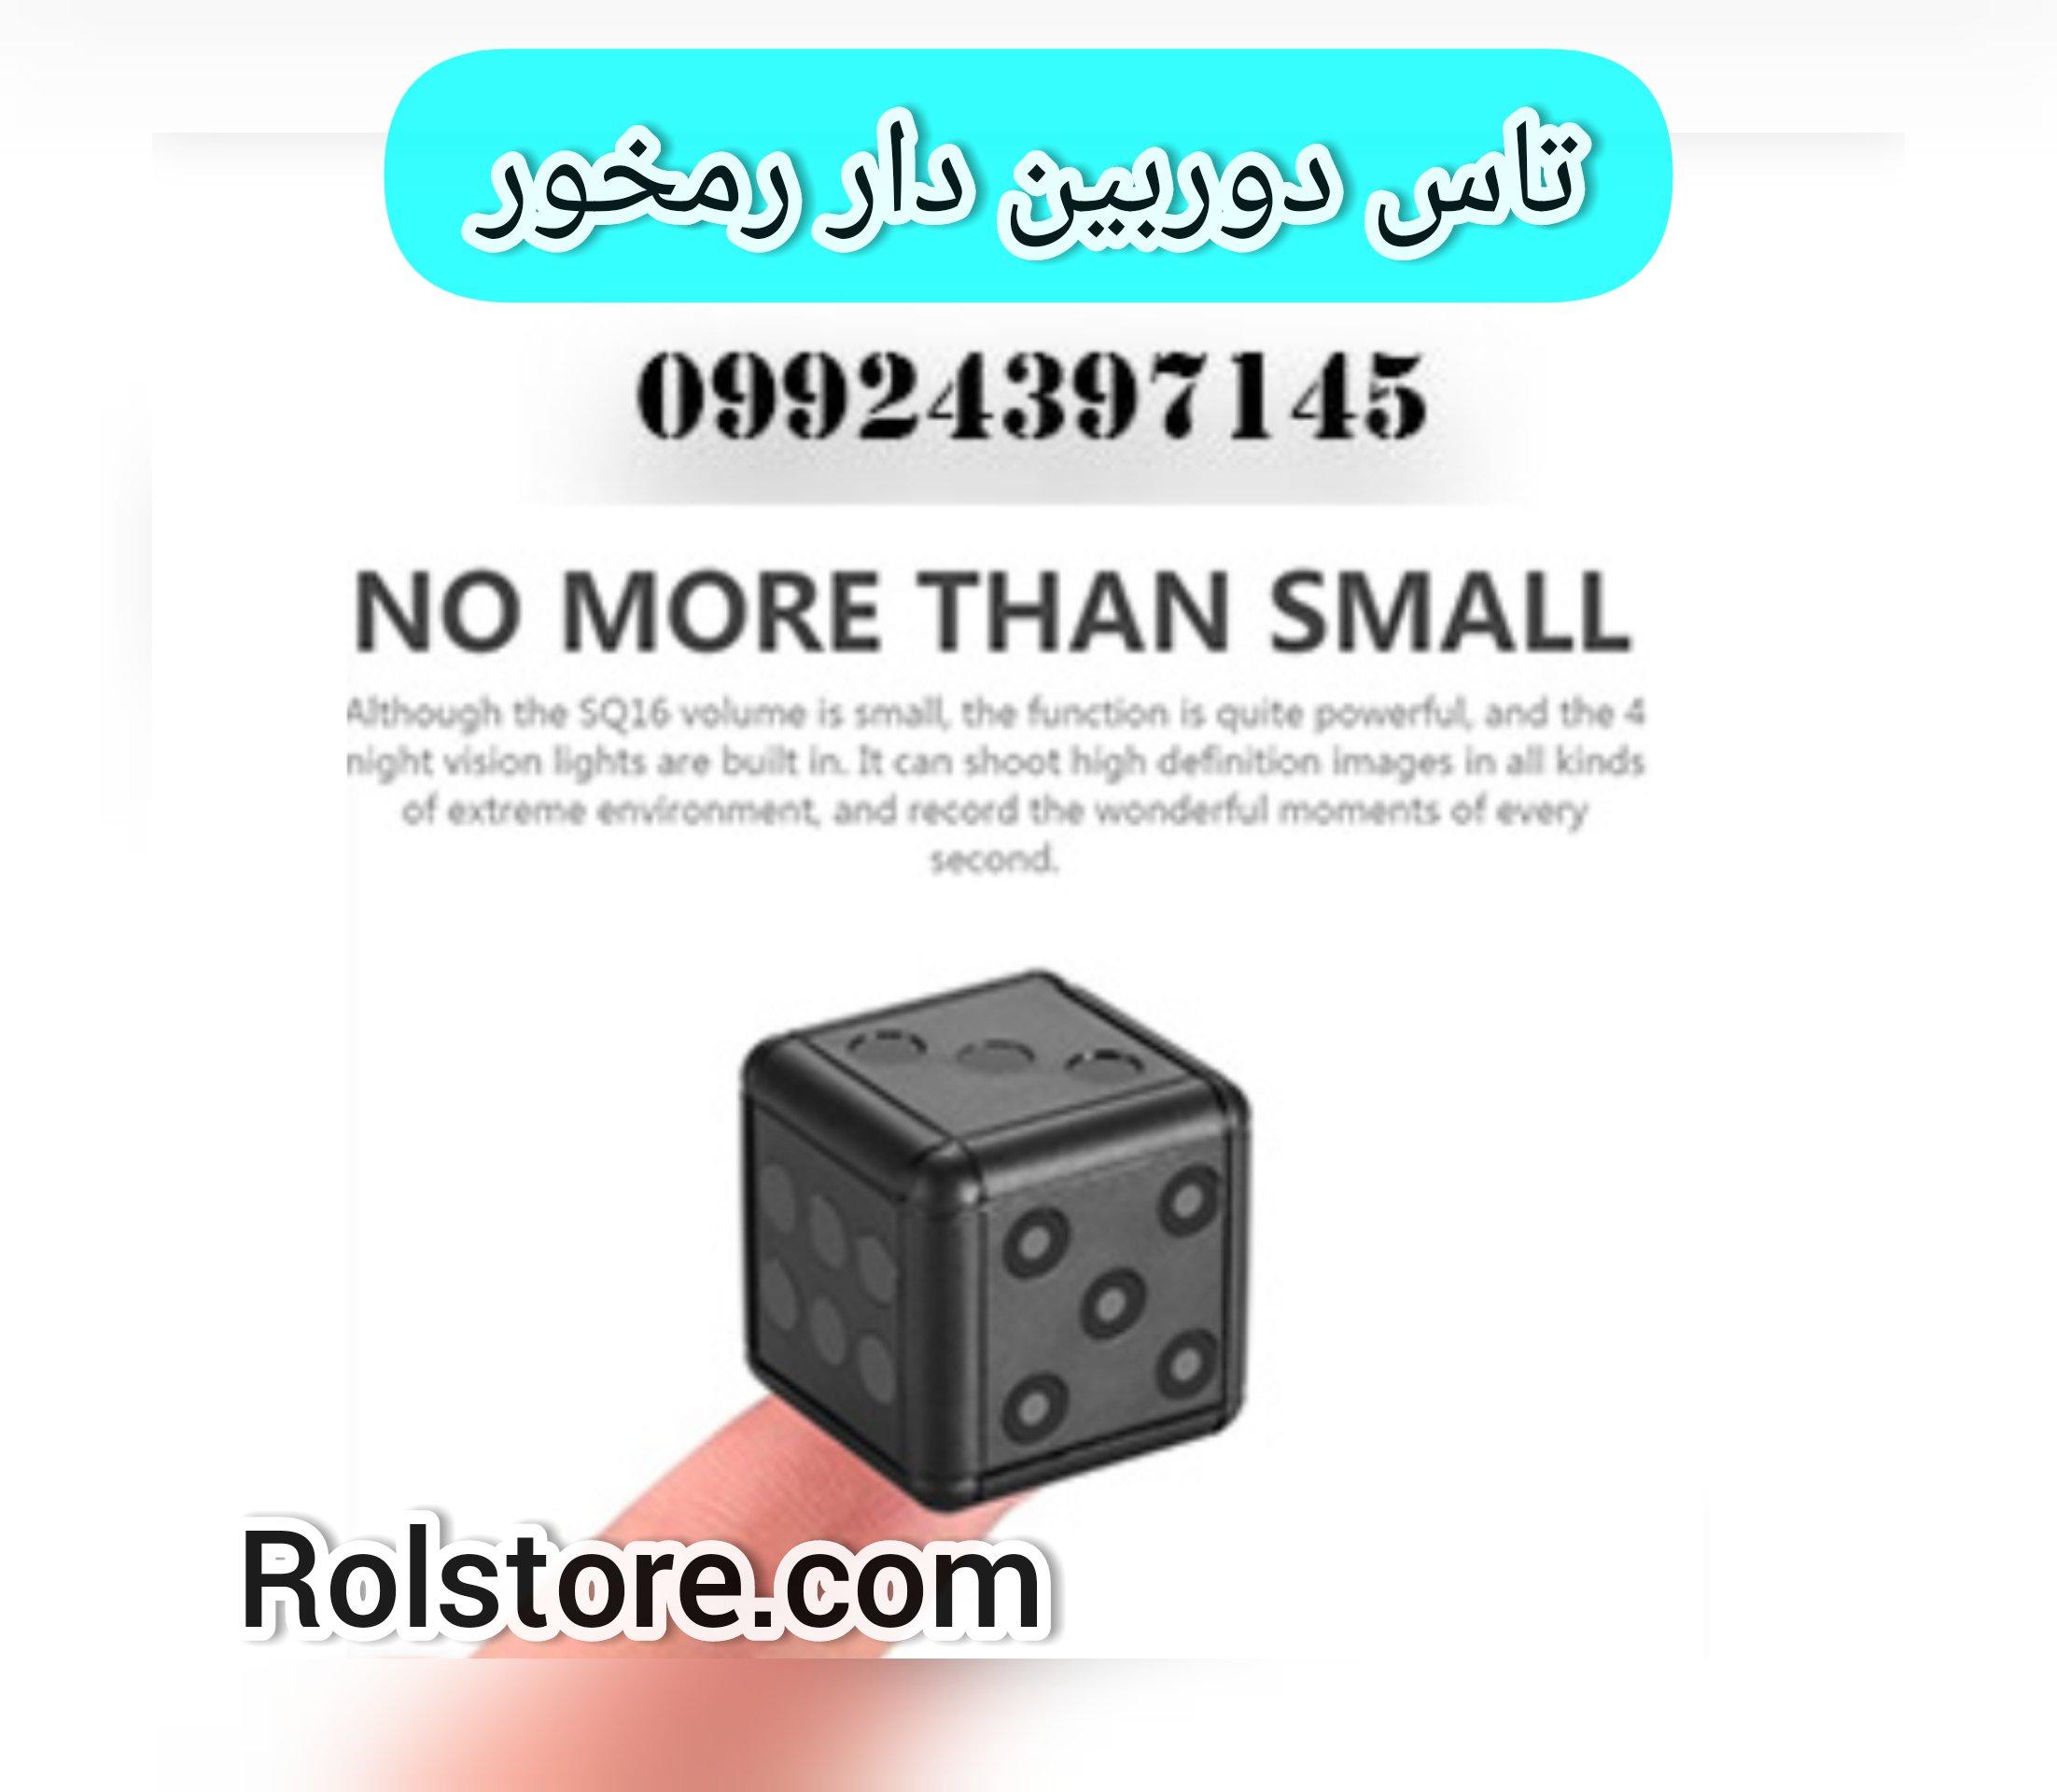 تاس دوربیندار رمخور/۰۹۹۲۴۳۹۷۱۴۵/اروزن ترین تاس دوربیندار رمخور